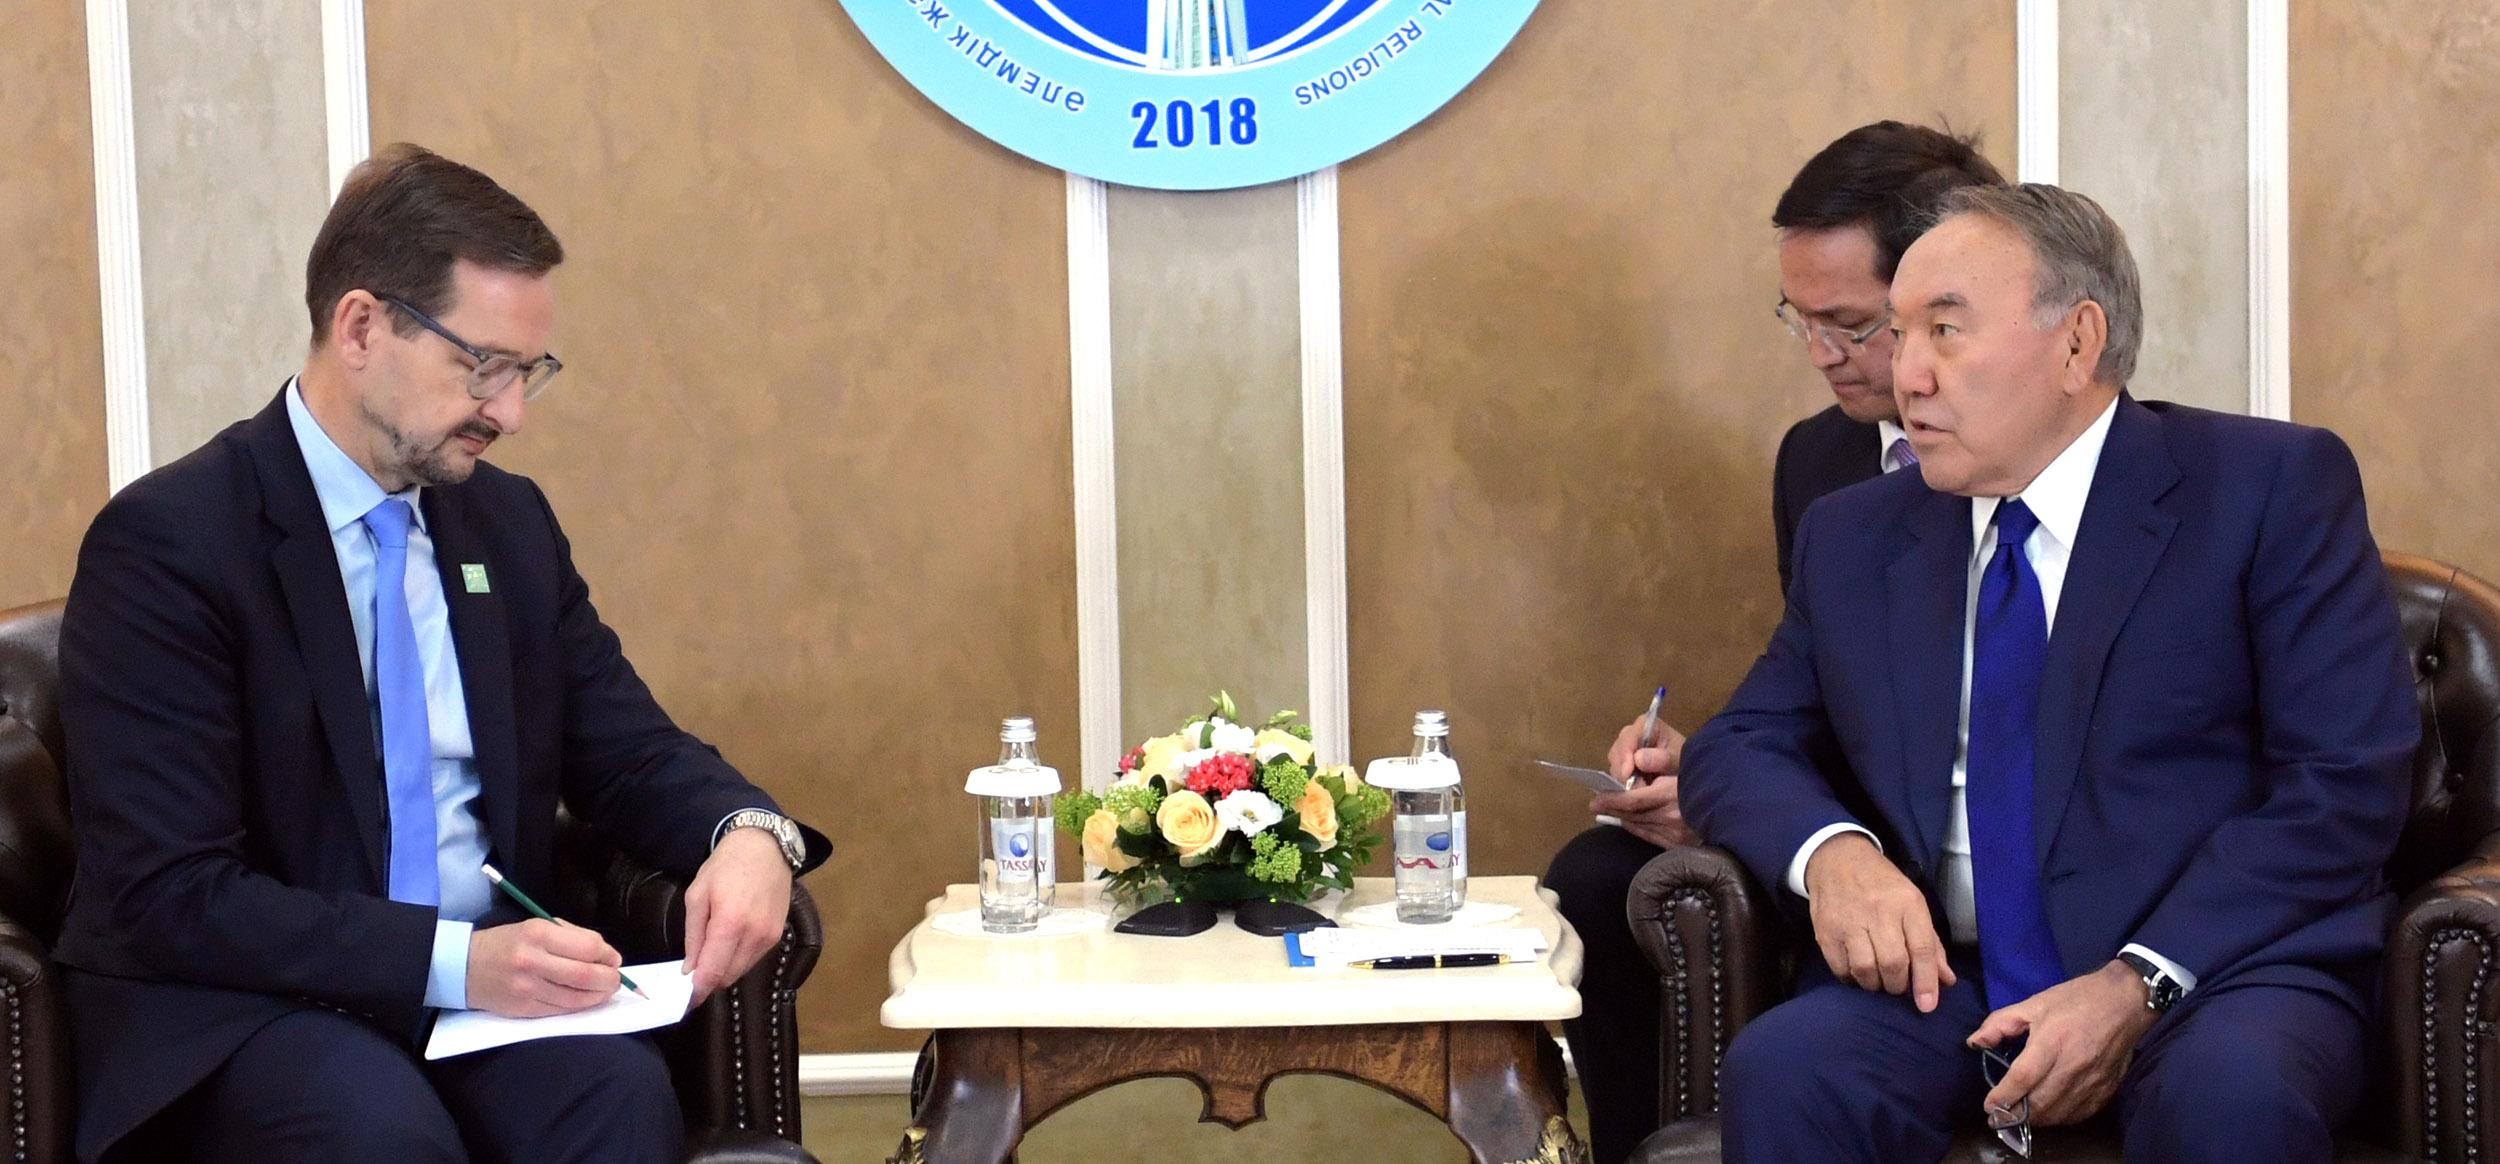 Нұрсұлтан Назарбаев: Біз бұл ұйымның осы ғасырдағы жалғыз саммитін өткіздік